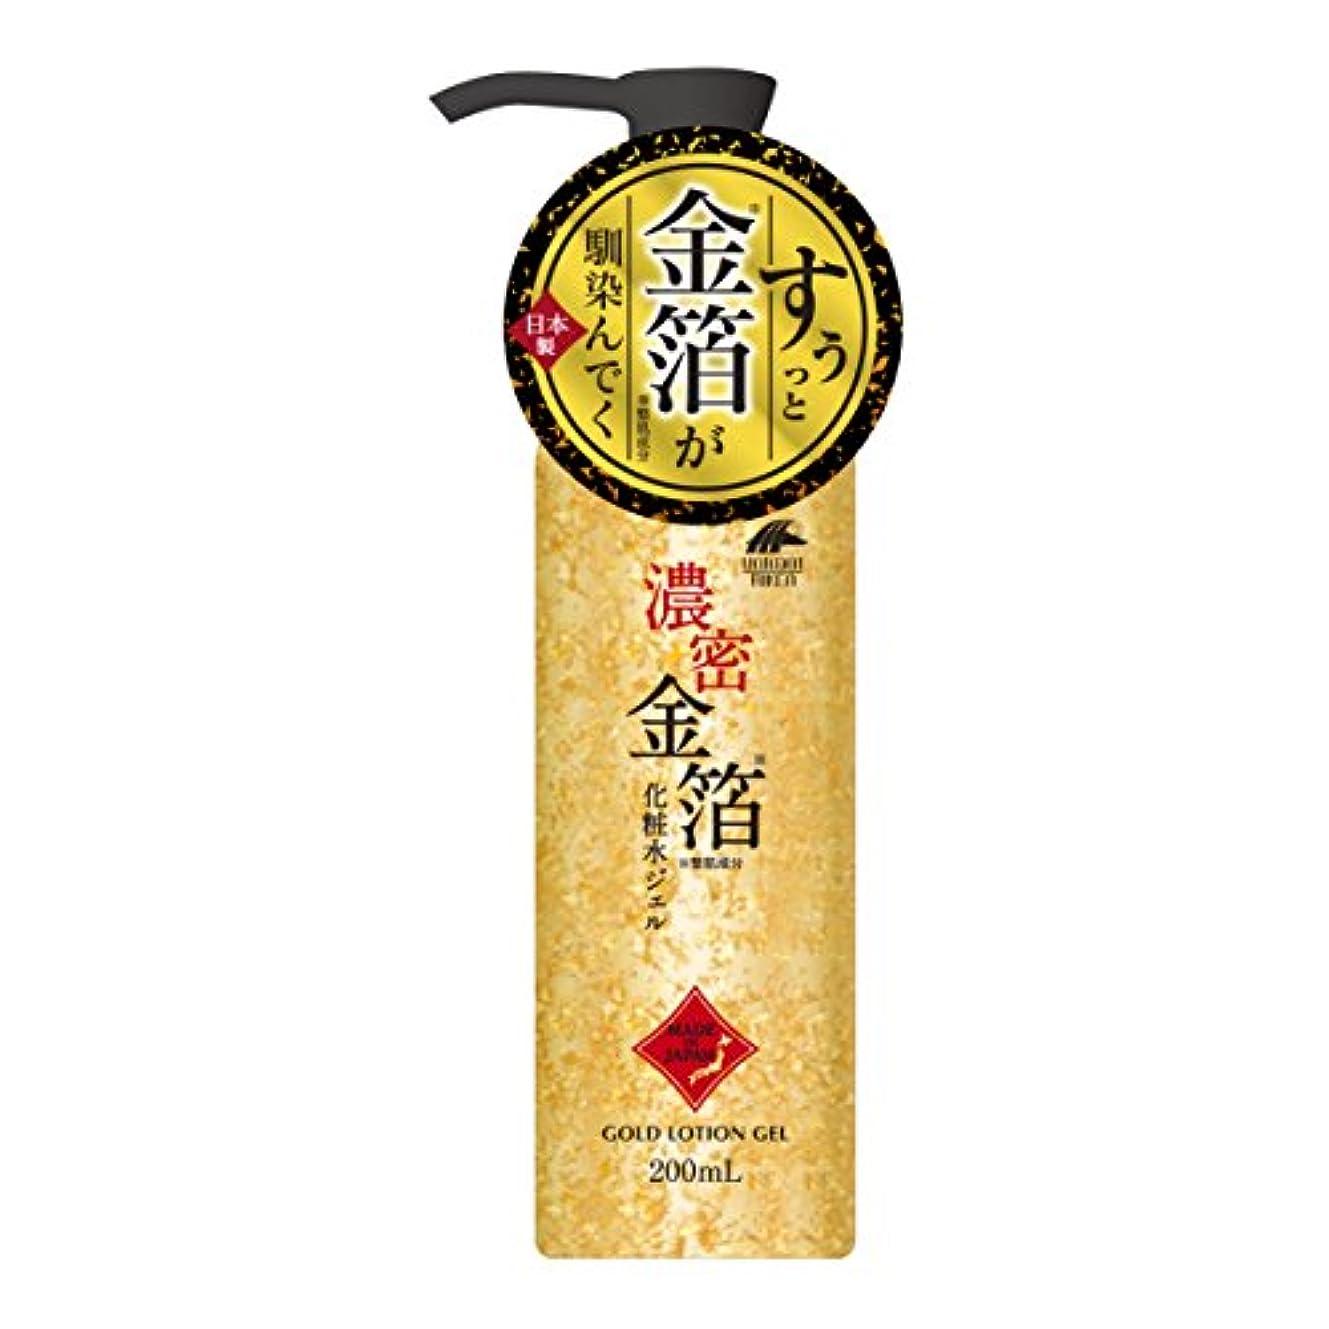 コンテンポラリーチャネル行列ユニマットリケン 濃密金箔化粧水ジェル 200ml